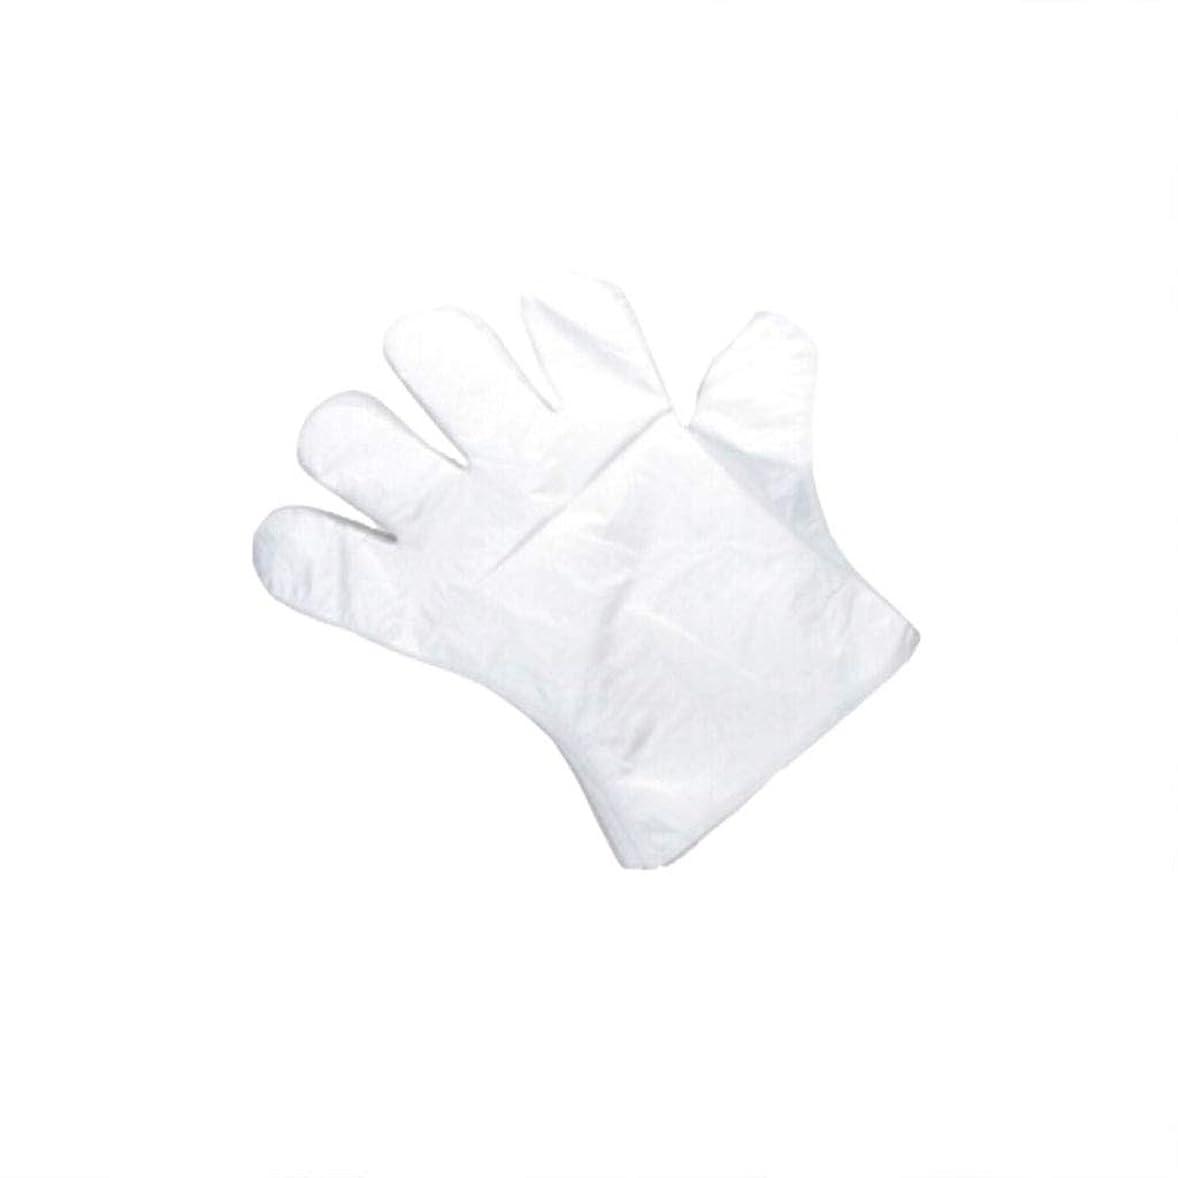 公園甘いについて手袋、使い捨て手袋、肥厚、抽出手袋、テーブル、ピクニック、100スーツ。